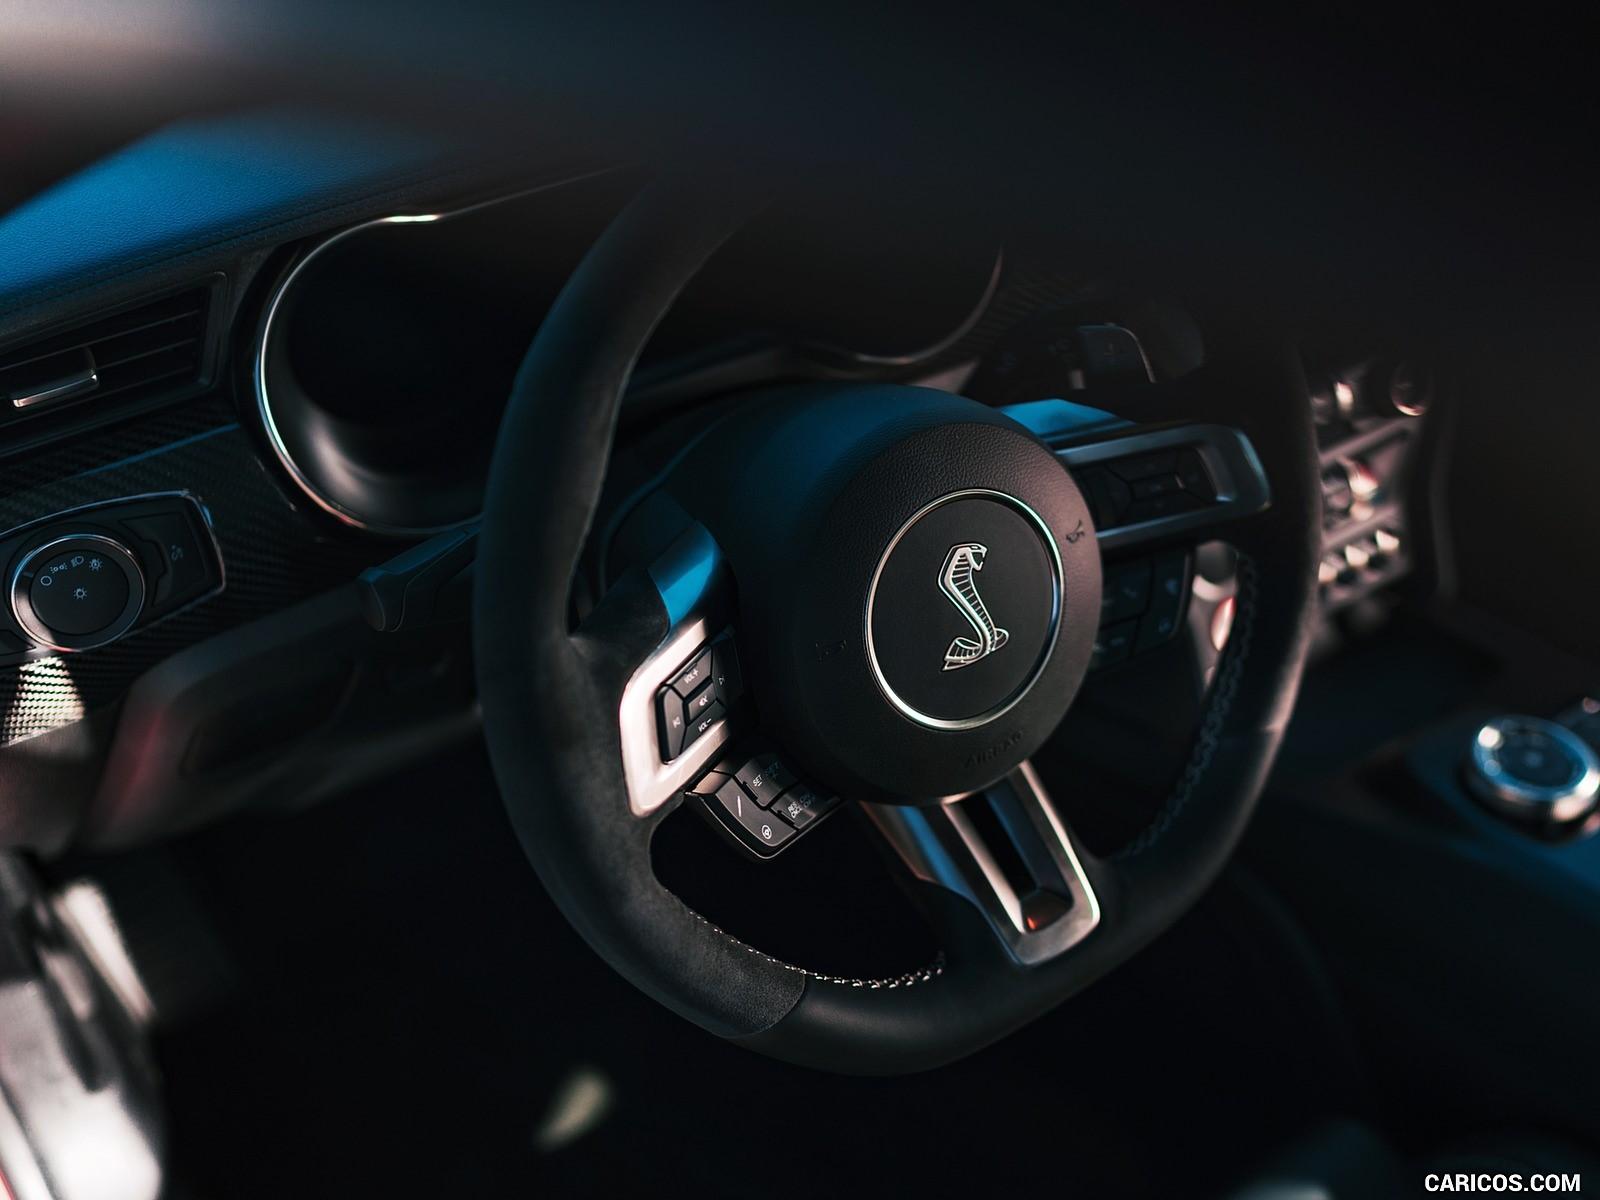 Ford Mustang Shelby hd duvar kağıtları